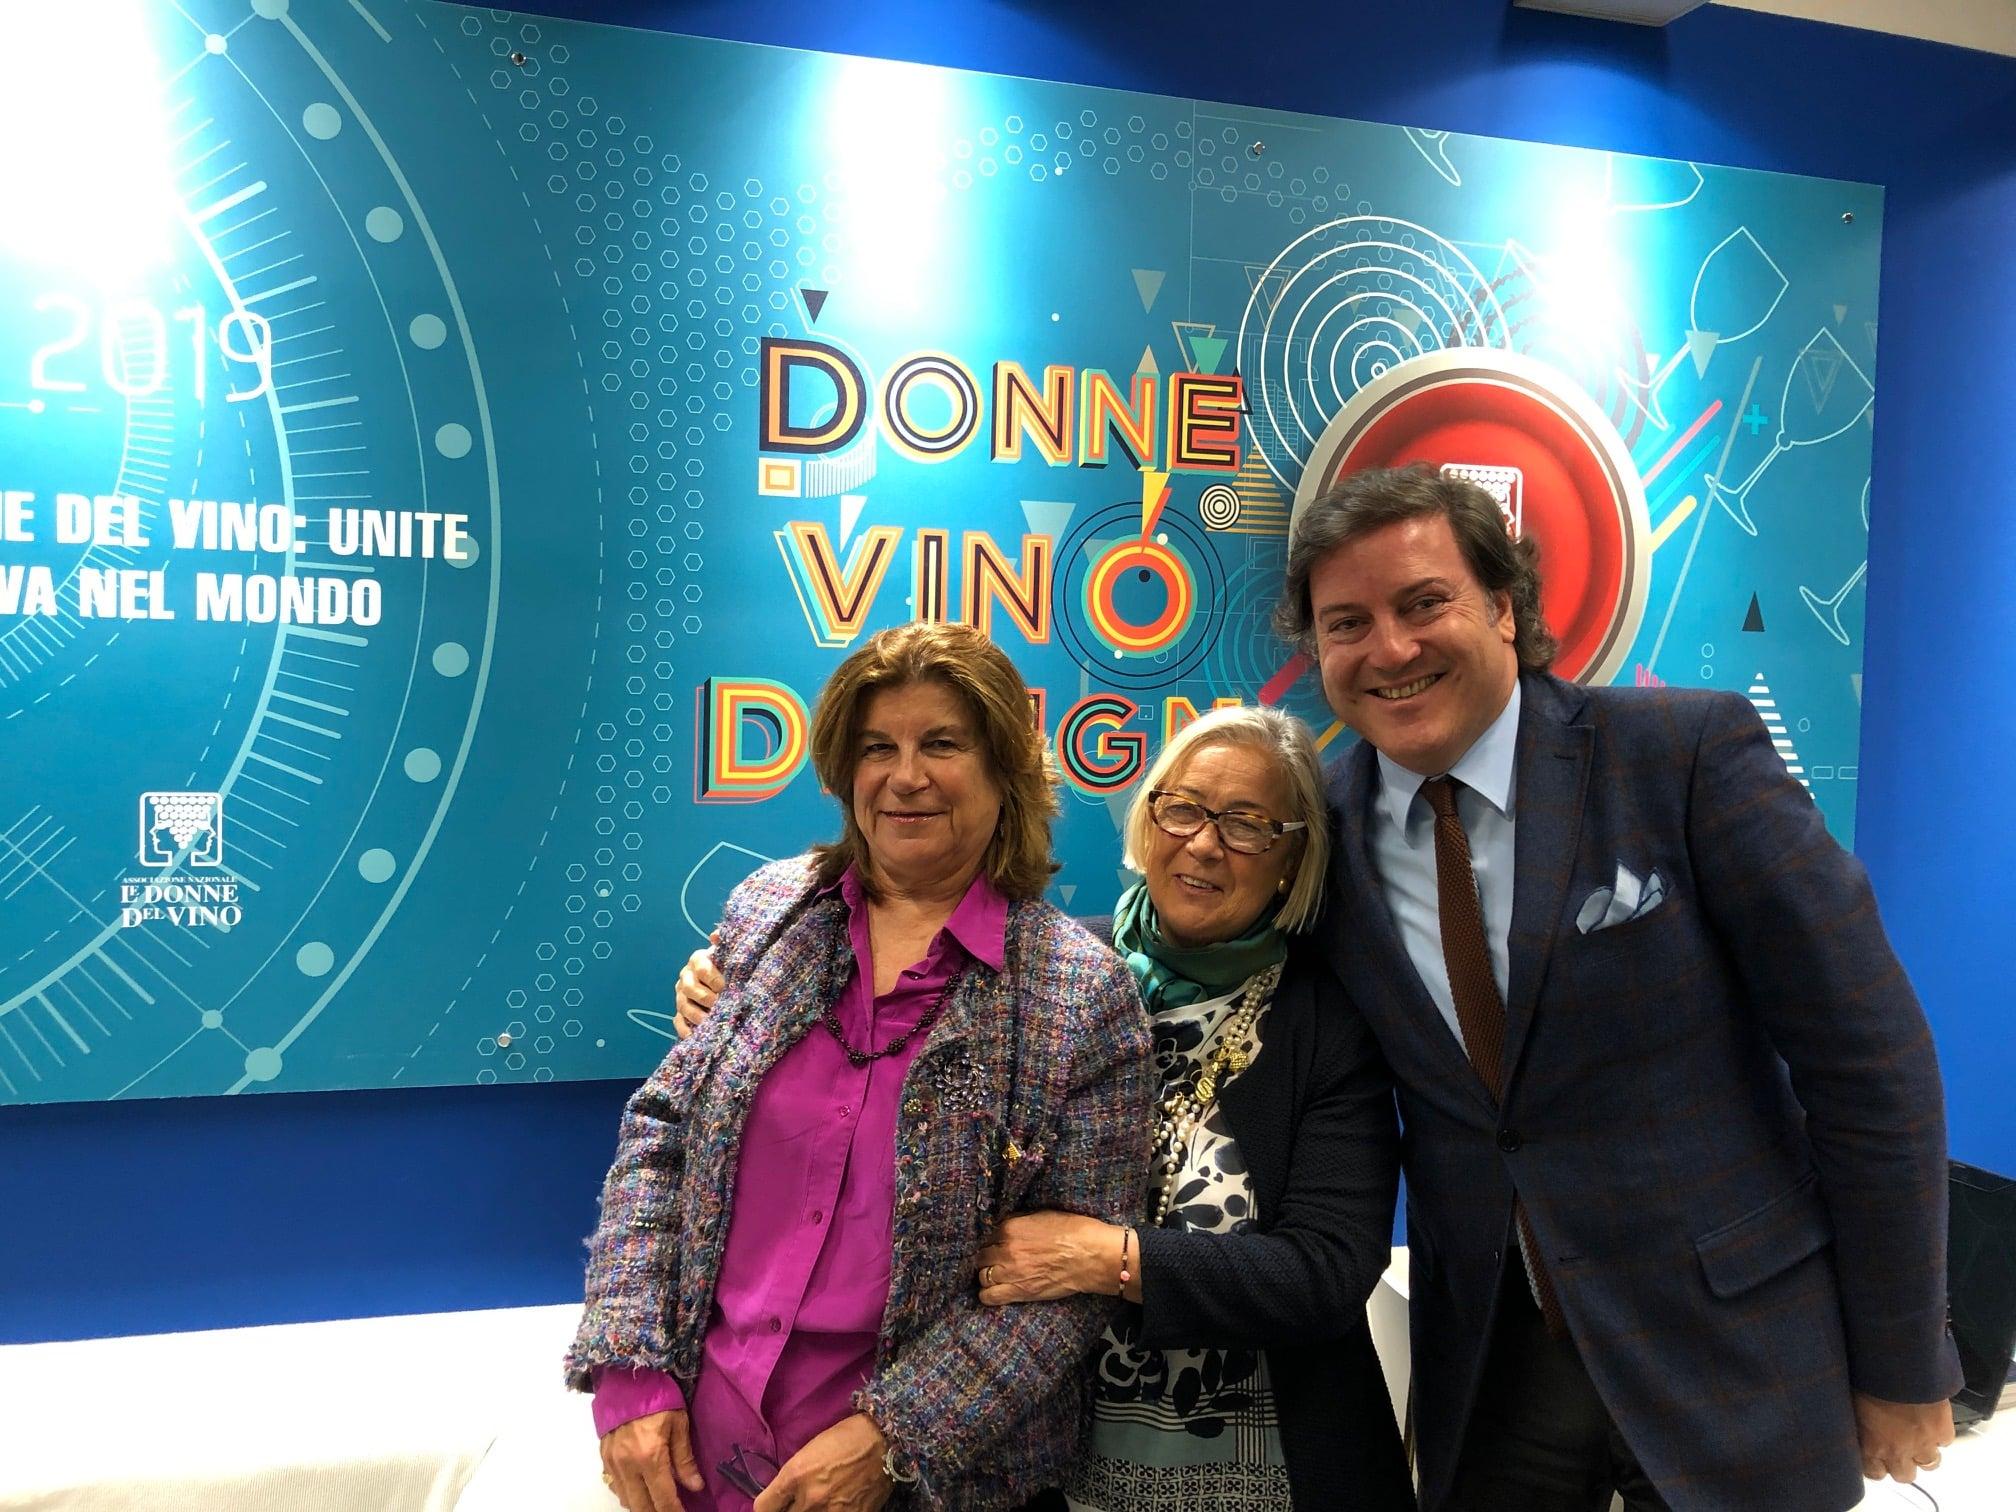 Donne-del-vino-Vinitaly-2019-con-Cristiana-Cirielli-Donatella-CinelliColombini-Carlos-Santos